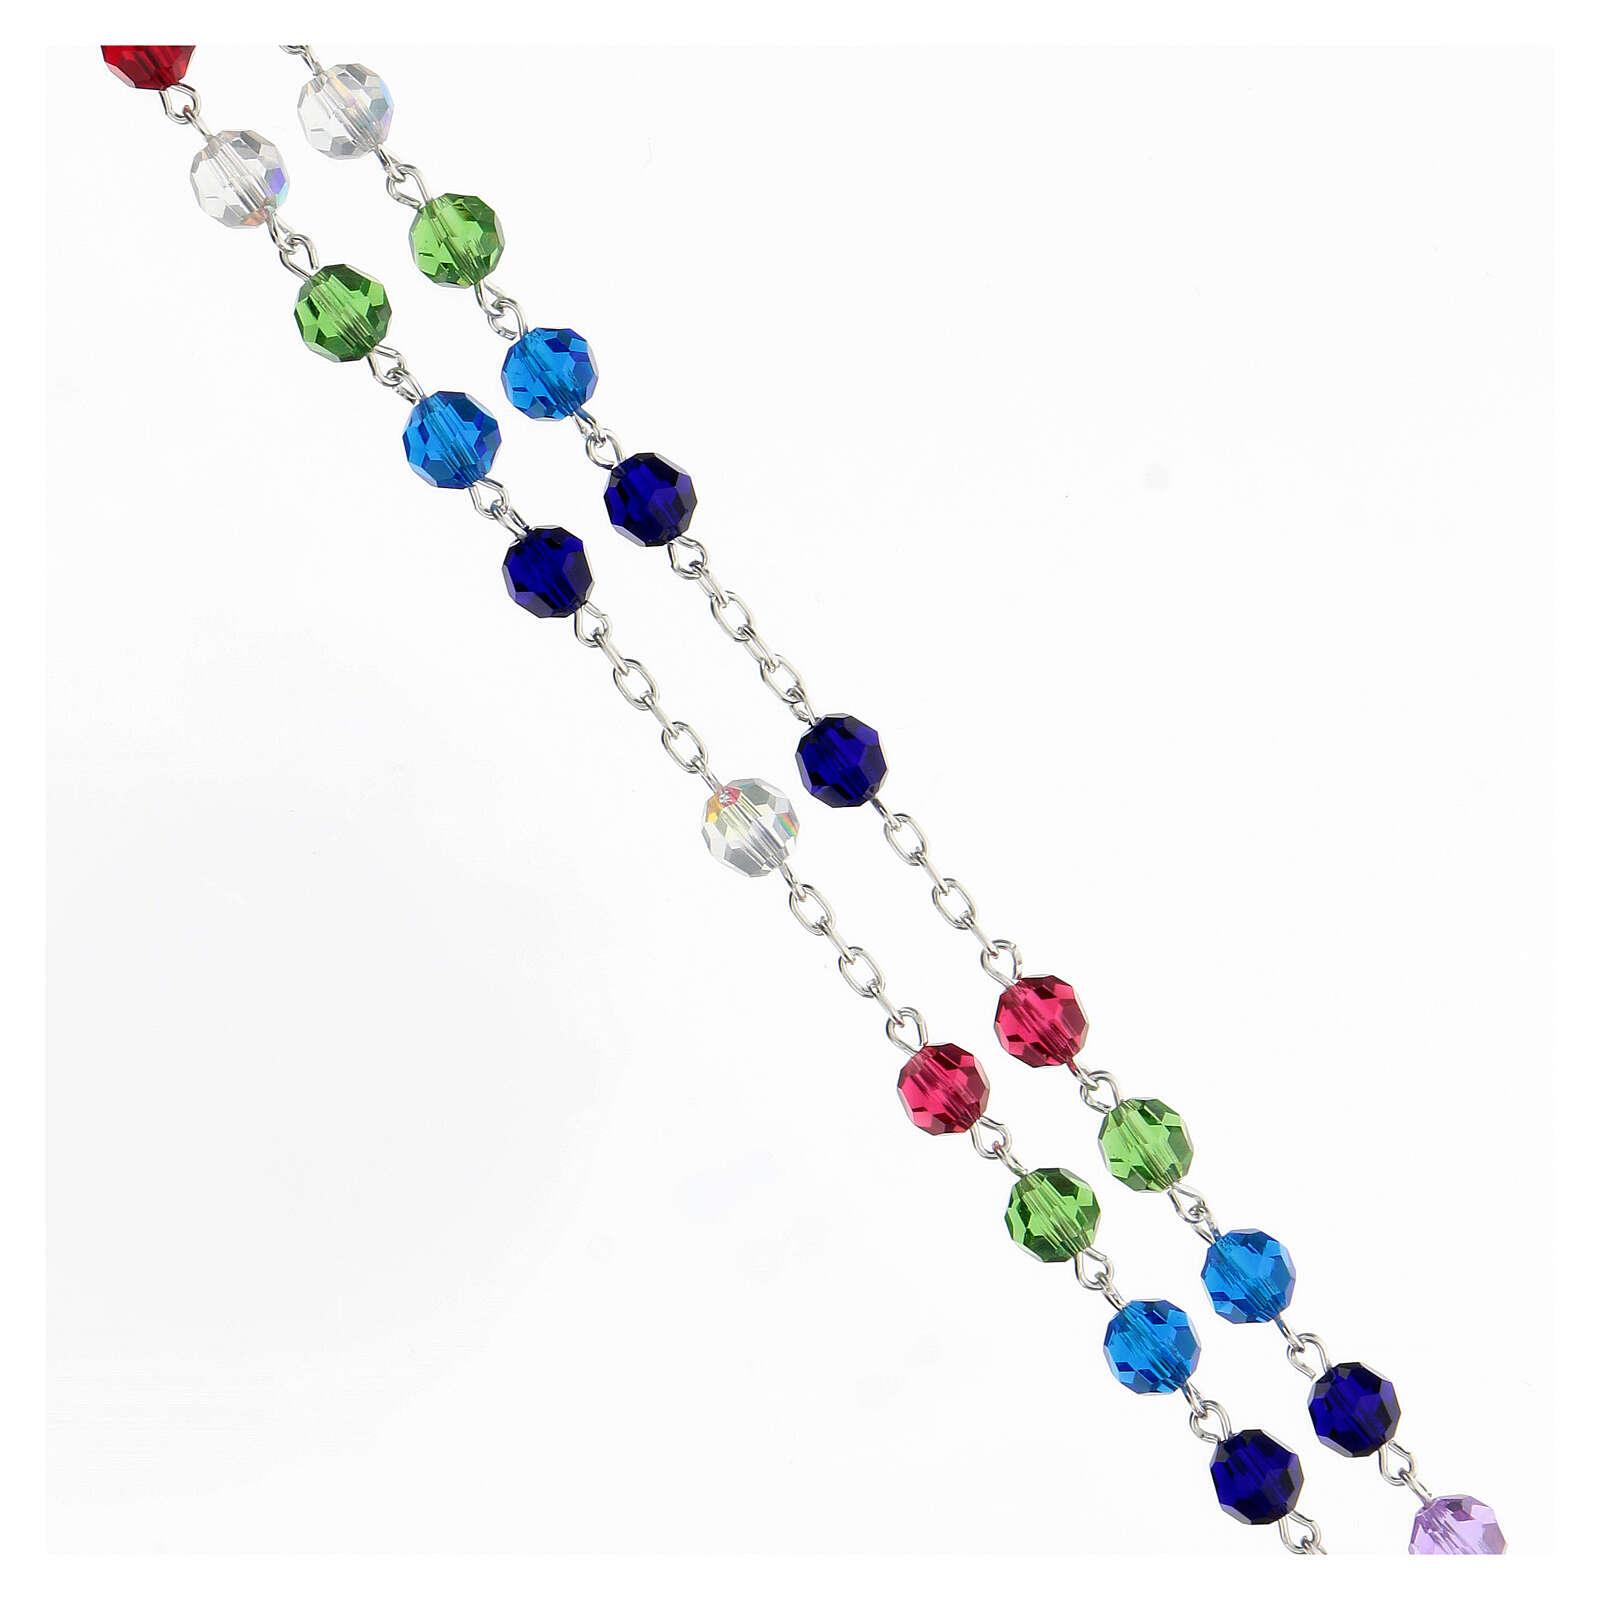 Terço prata 925 contas cristal multicolorido 6 mm com crucifixo moderno 4